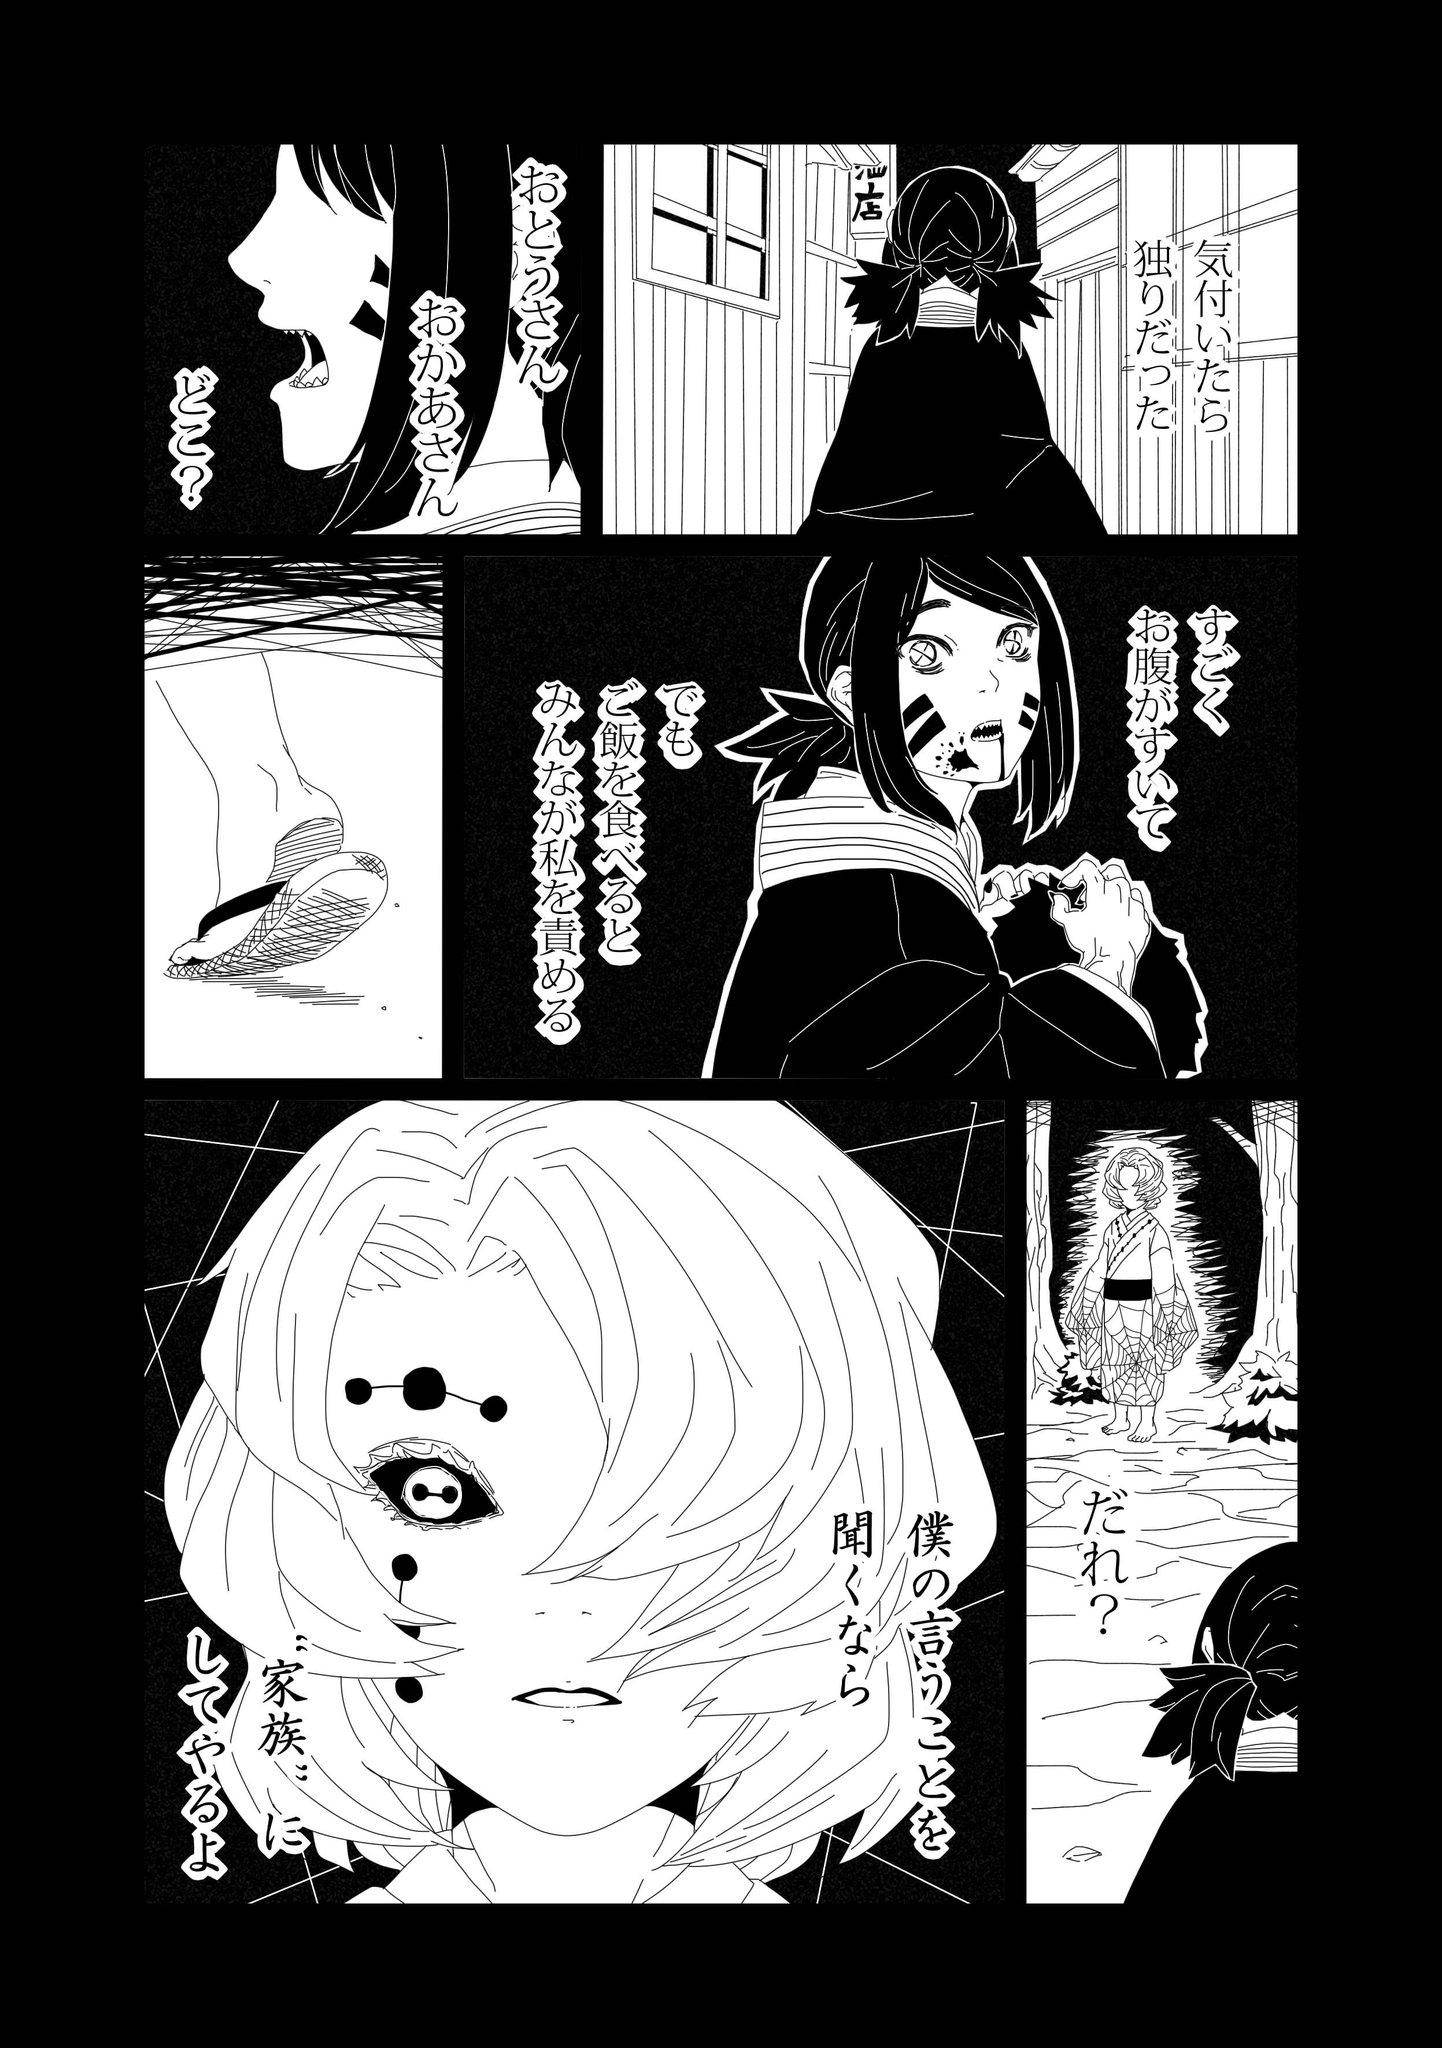 鬼滅の刃 エッチ漫画